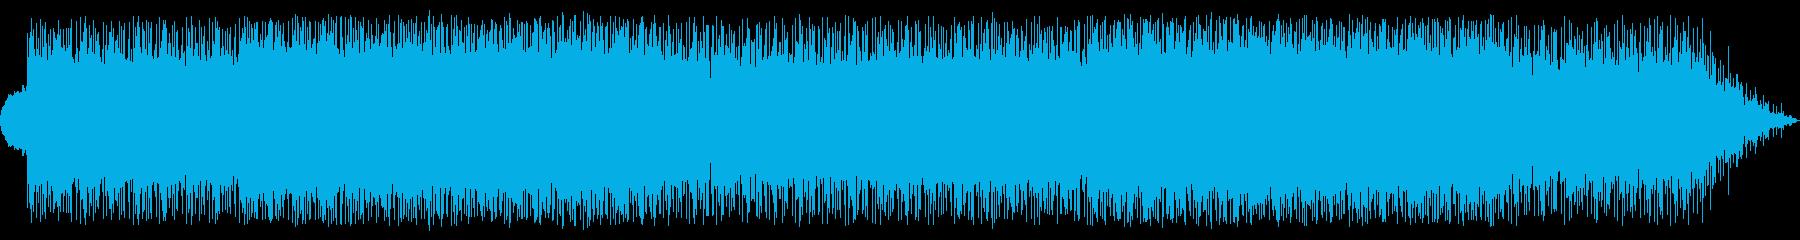 ゲーム/現代的/要塞/機械的な場所の再生済みの波形